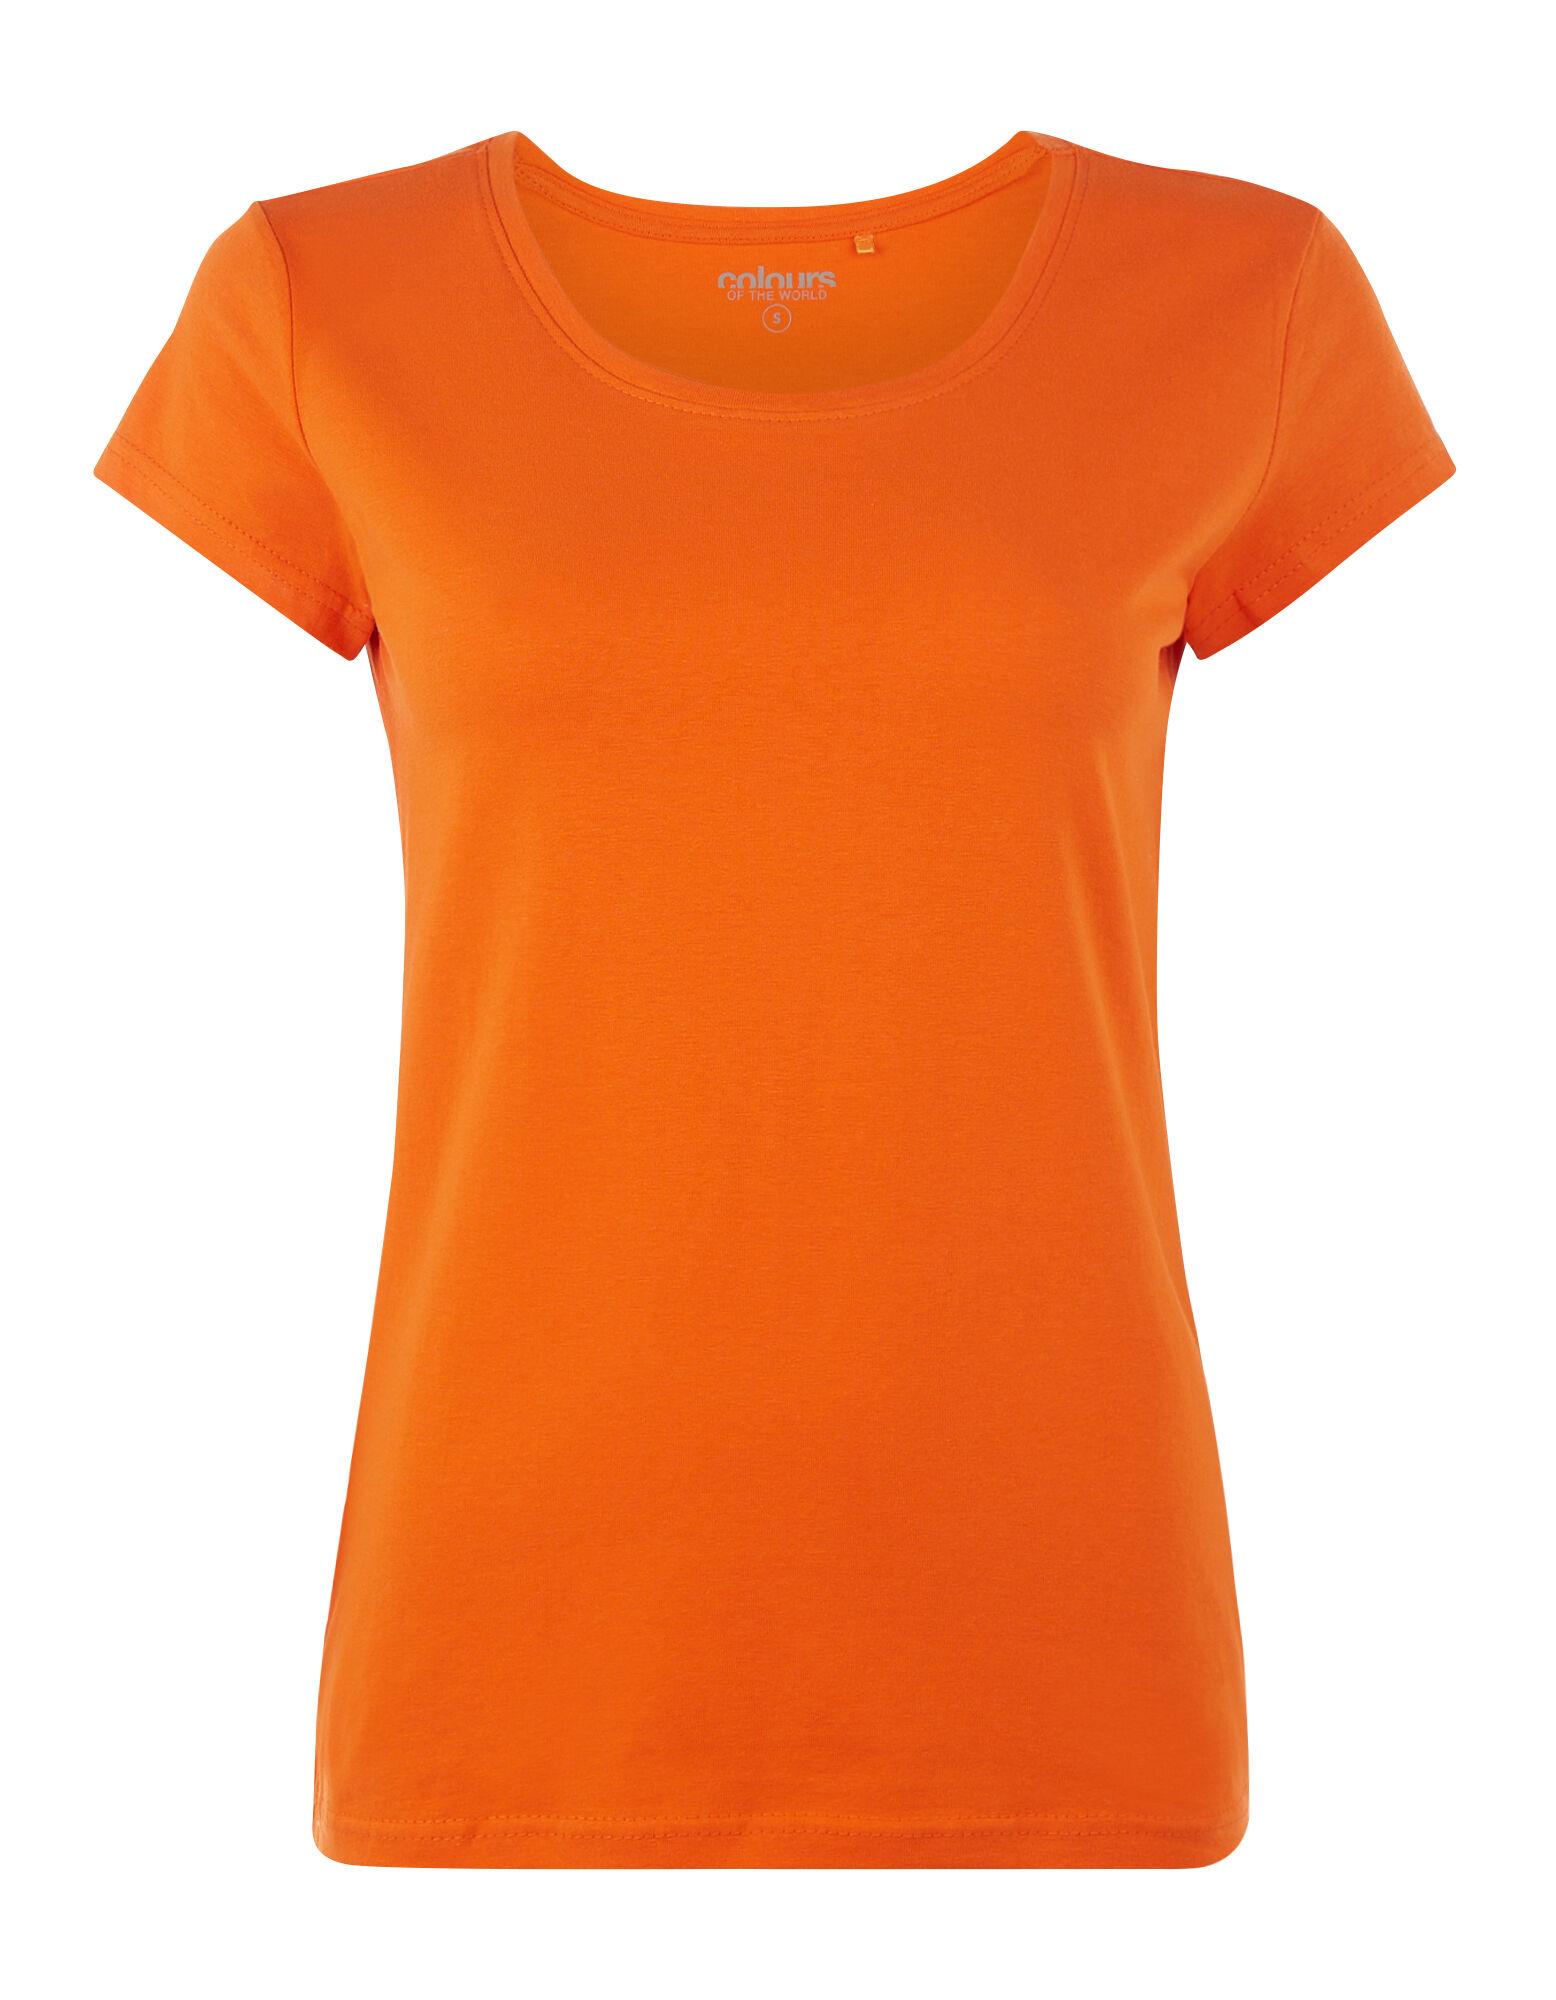 Günstige T Shirts für Damen: trendig & bequem Takko Fashion